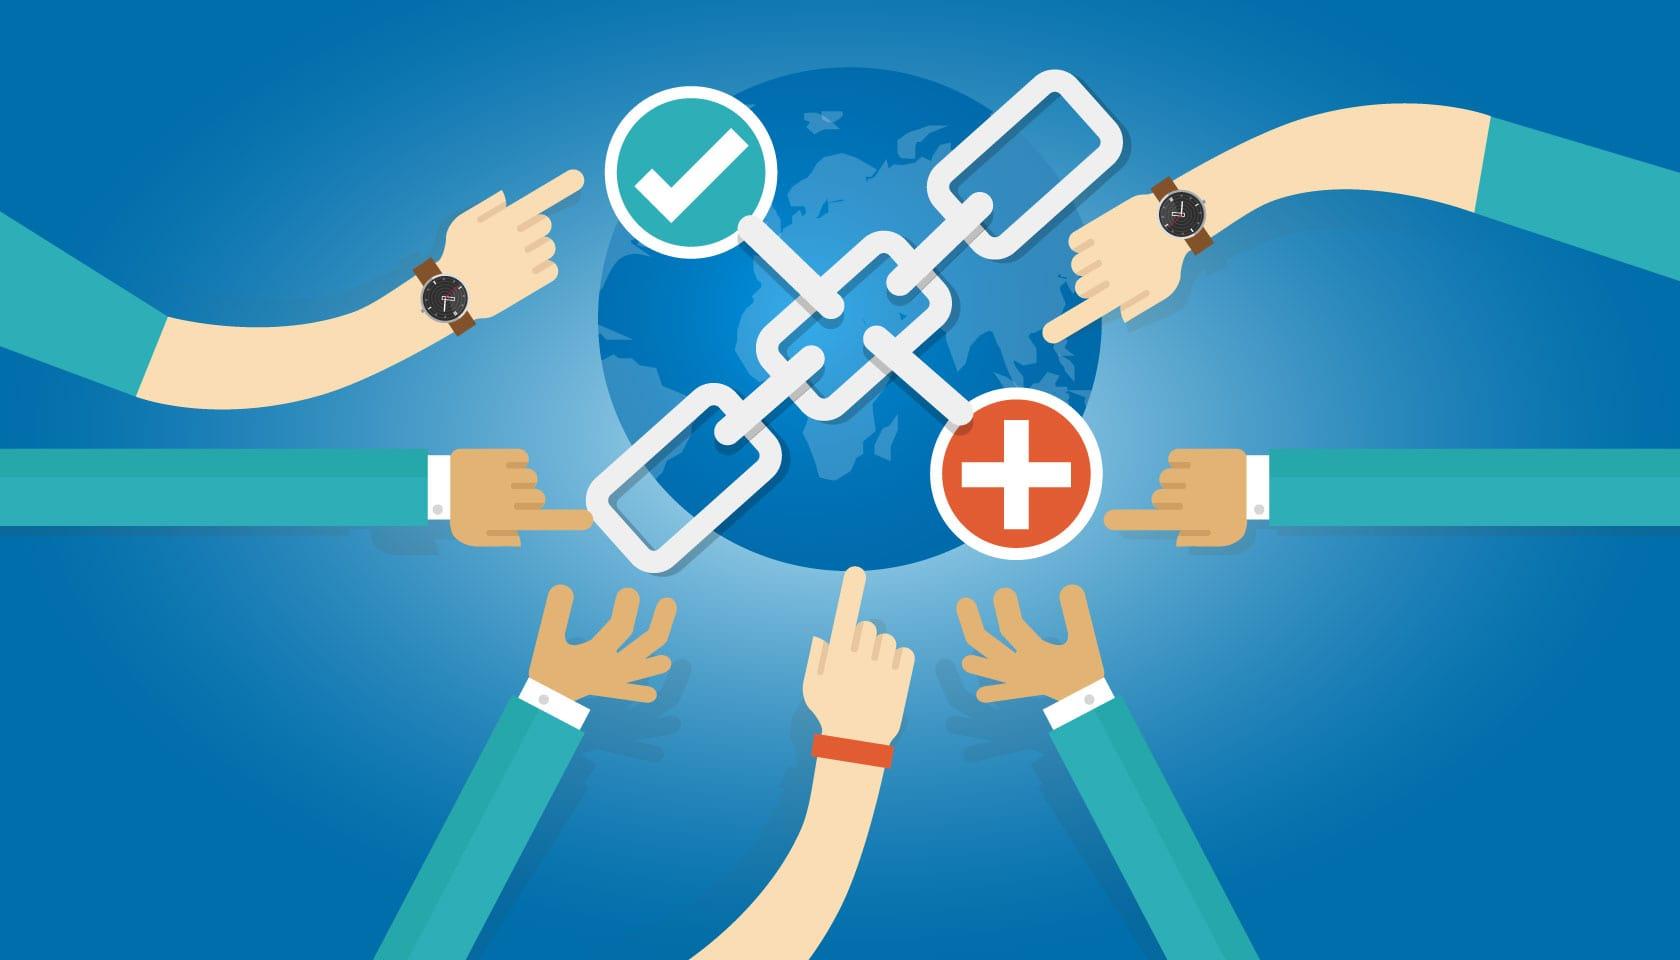 webfili-Sosyal-ağlarda-vereceğiniz-reklam-01 .jpg